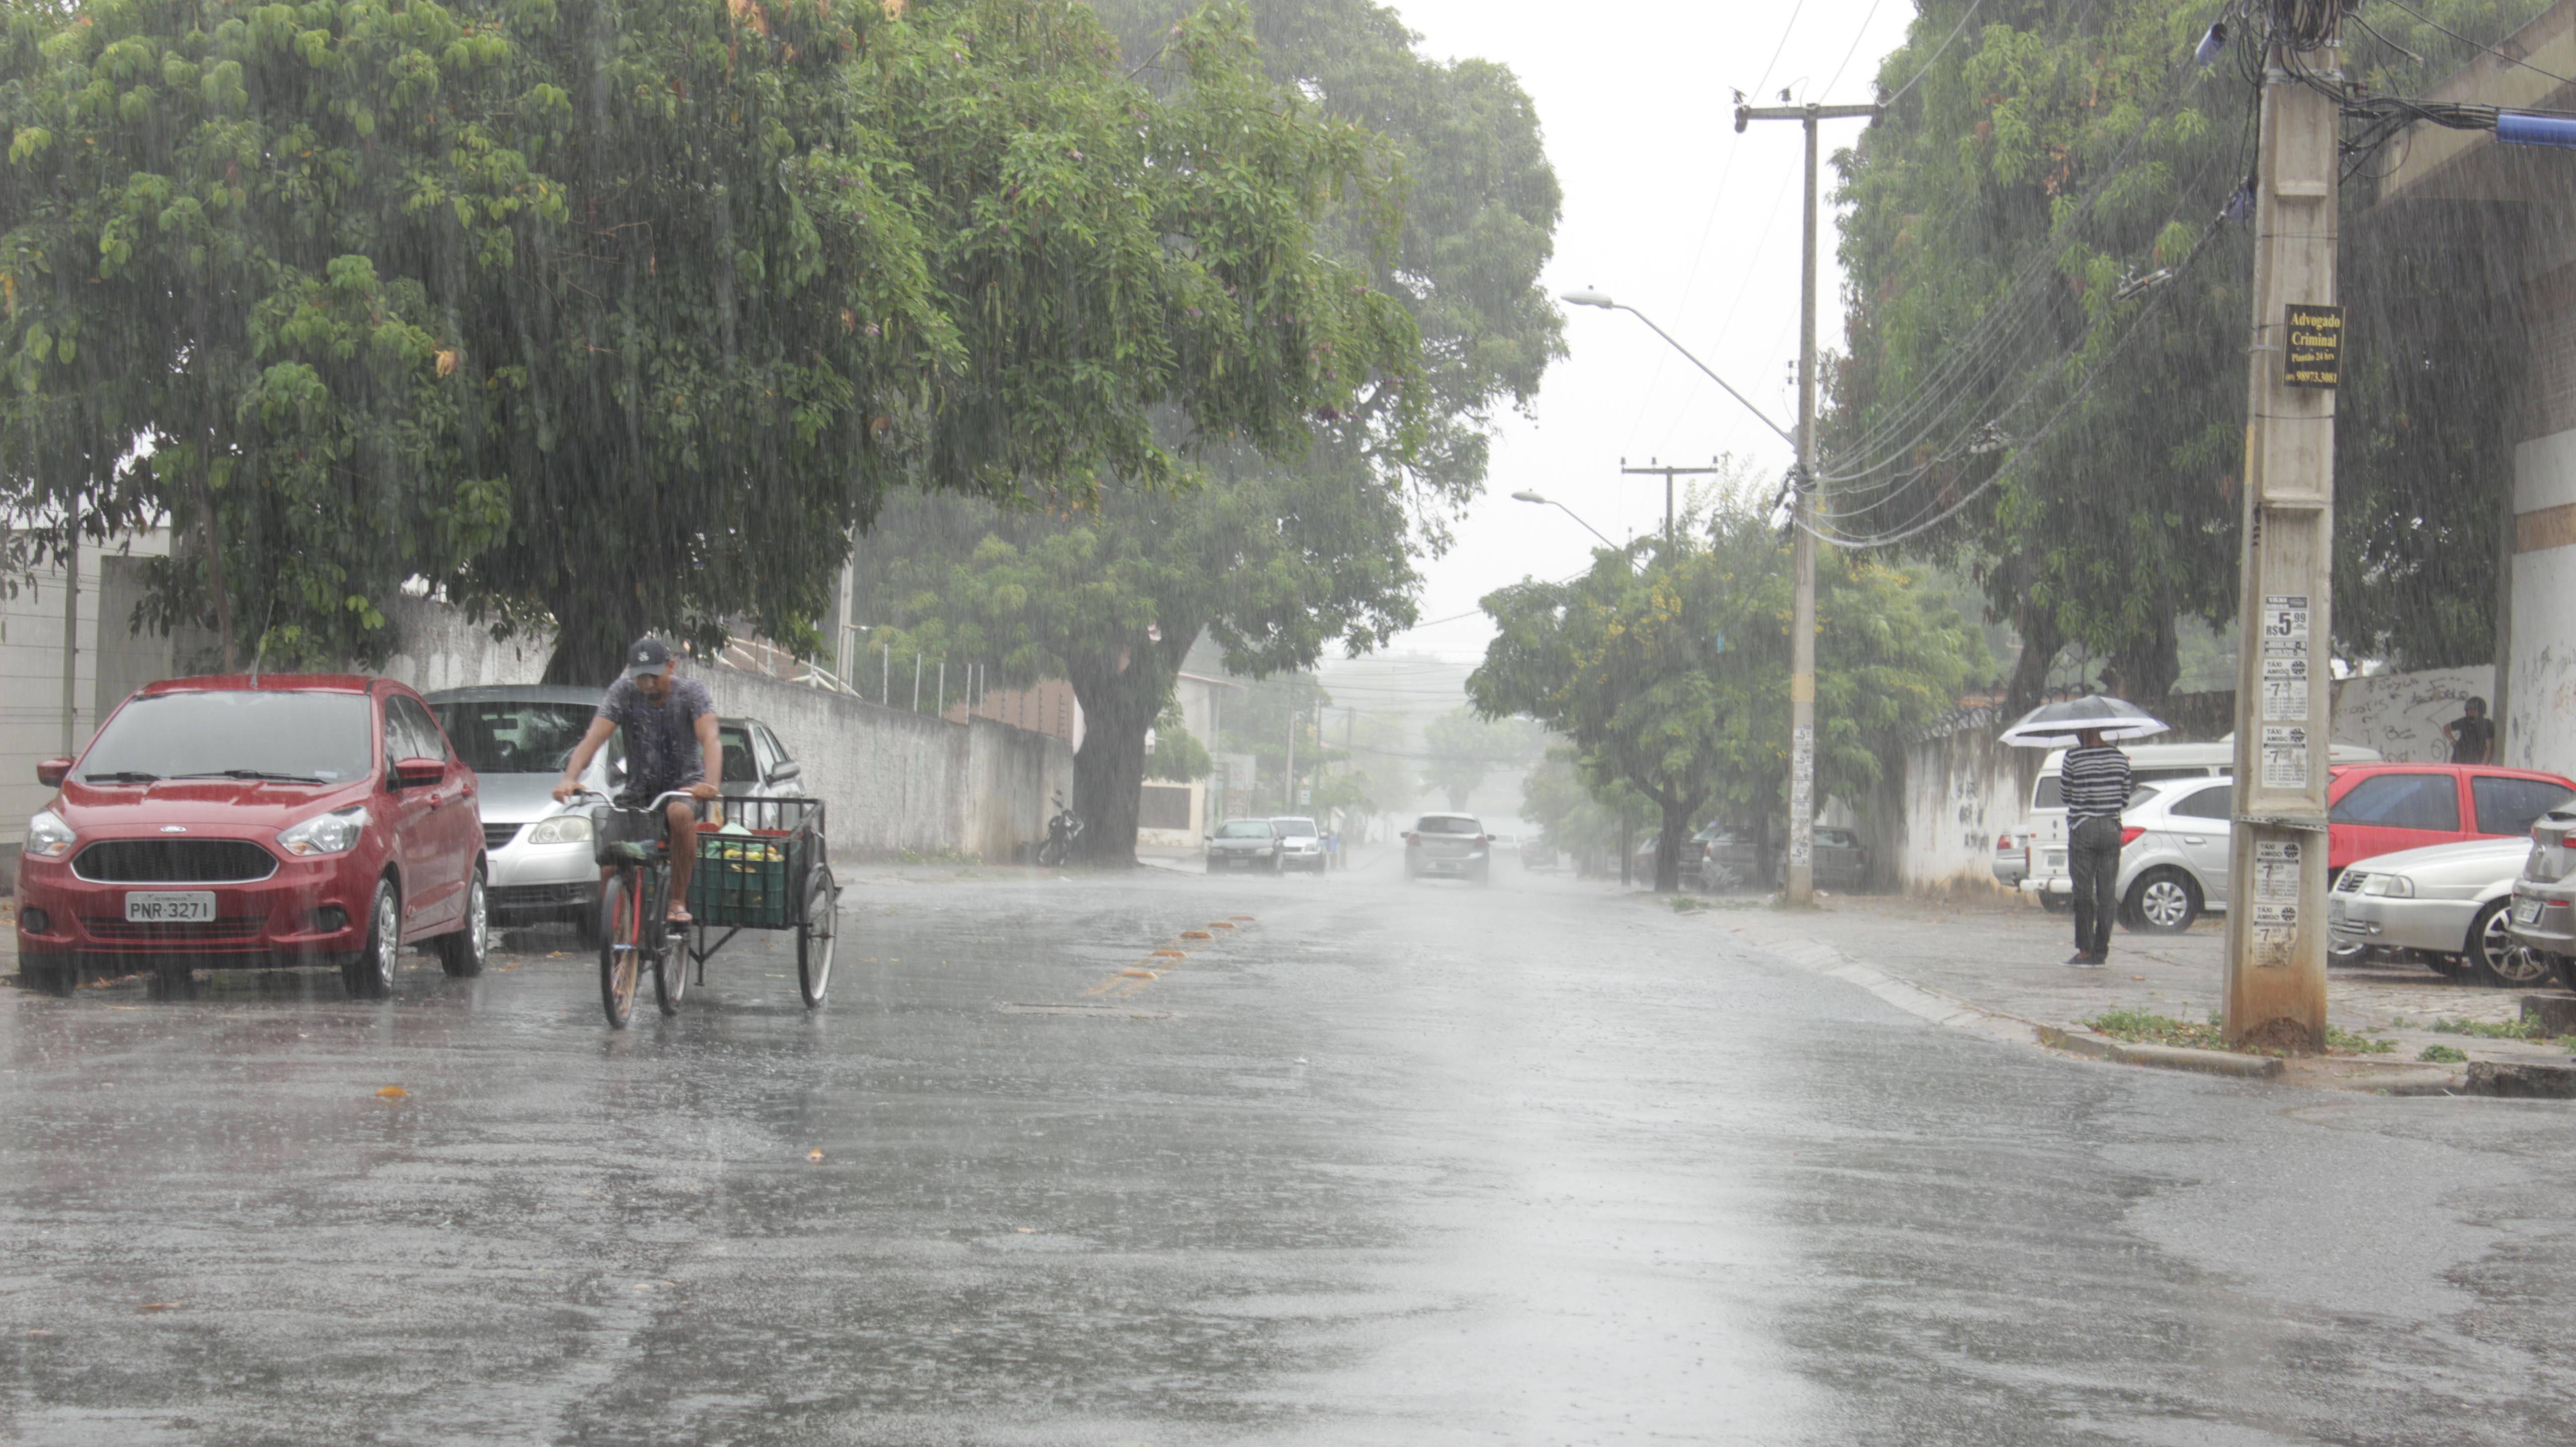 Cagece alerta sobre cuidados com rede de esgoto durante quadra chuvosa